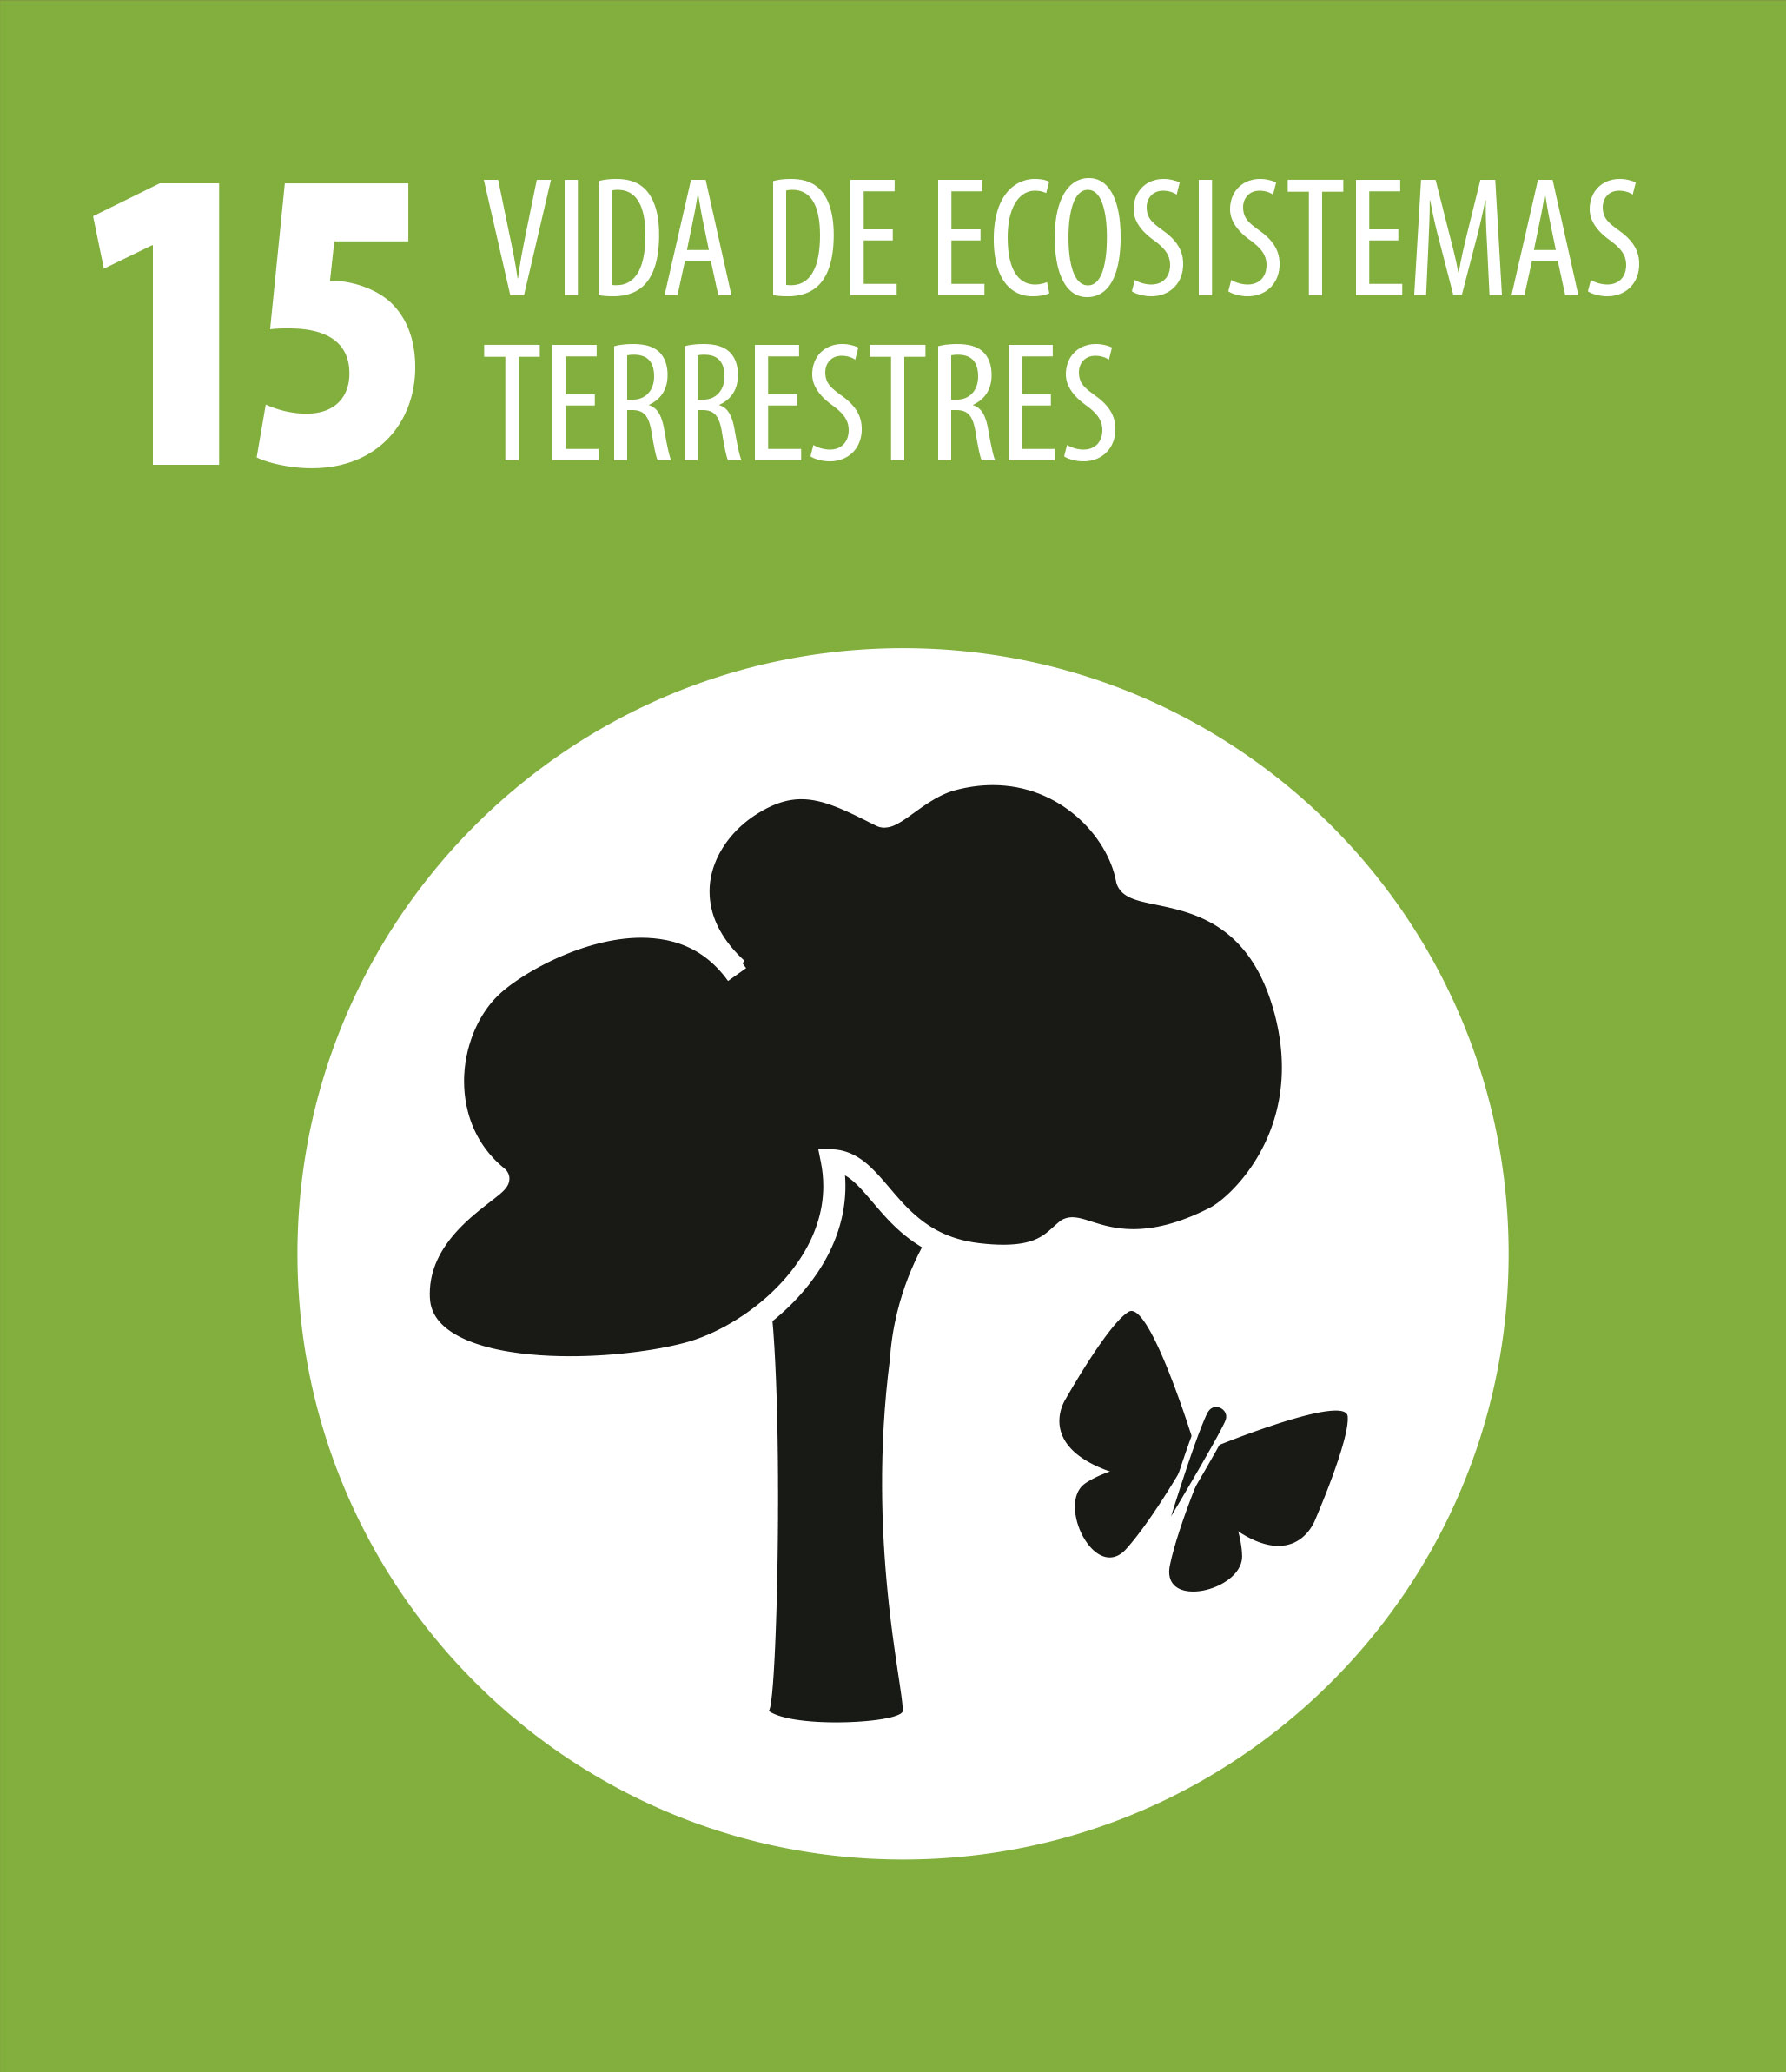 ODS 15 Vida ecosistemas terrestres